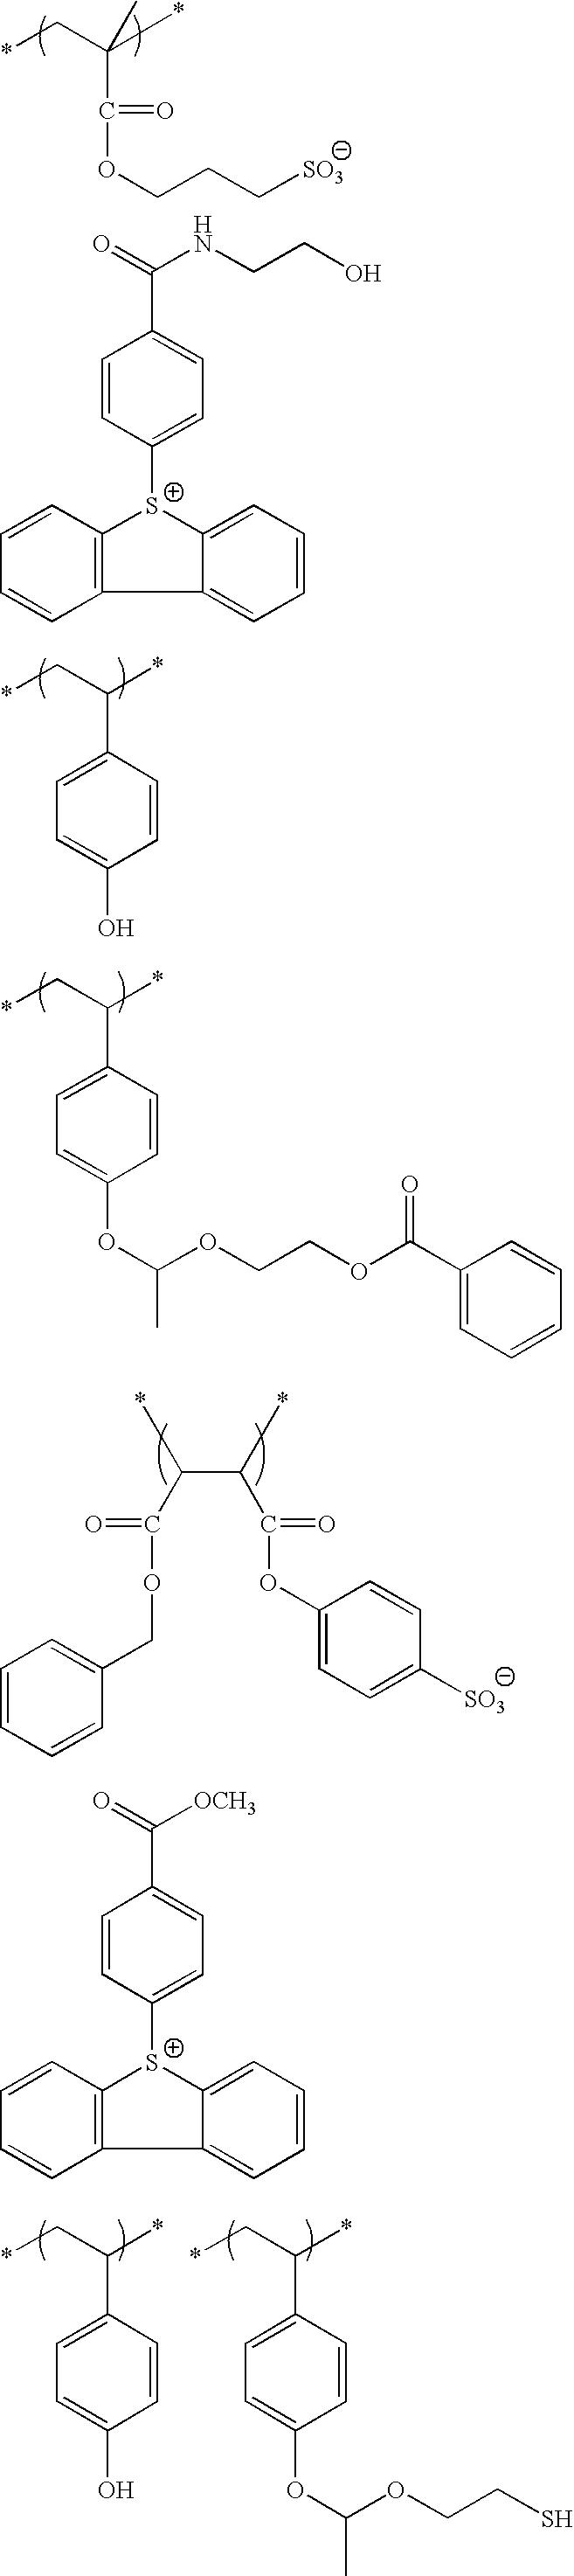 Figure US20100183975A1-20100722-C00174